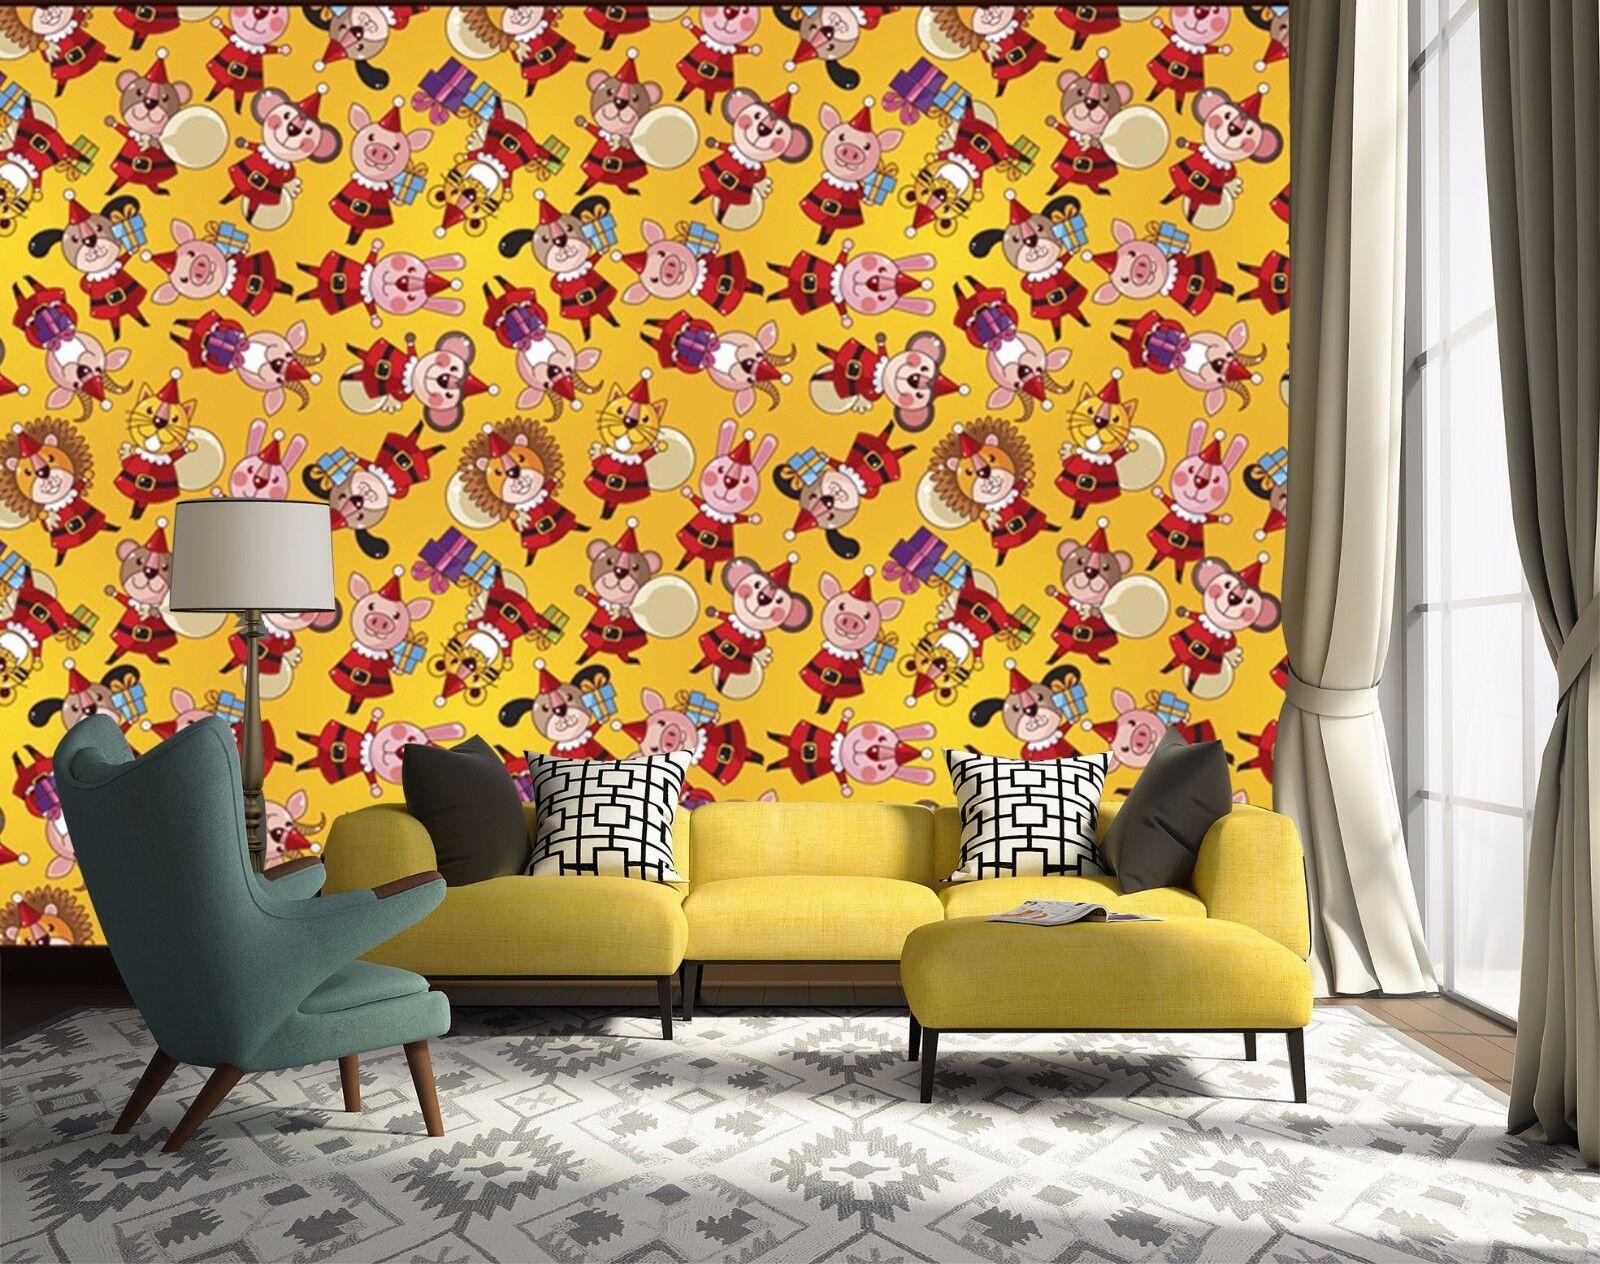 3D Cartoon 453 Wallpaper Murals Wall Print Wallpaper Mural AJ WALL UK Summer